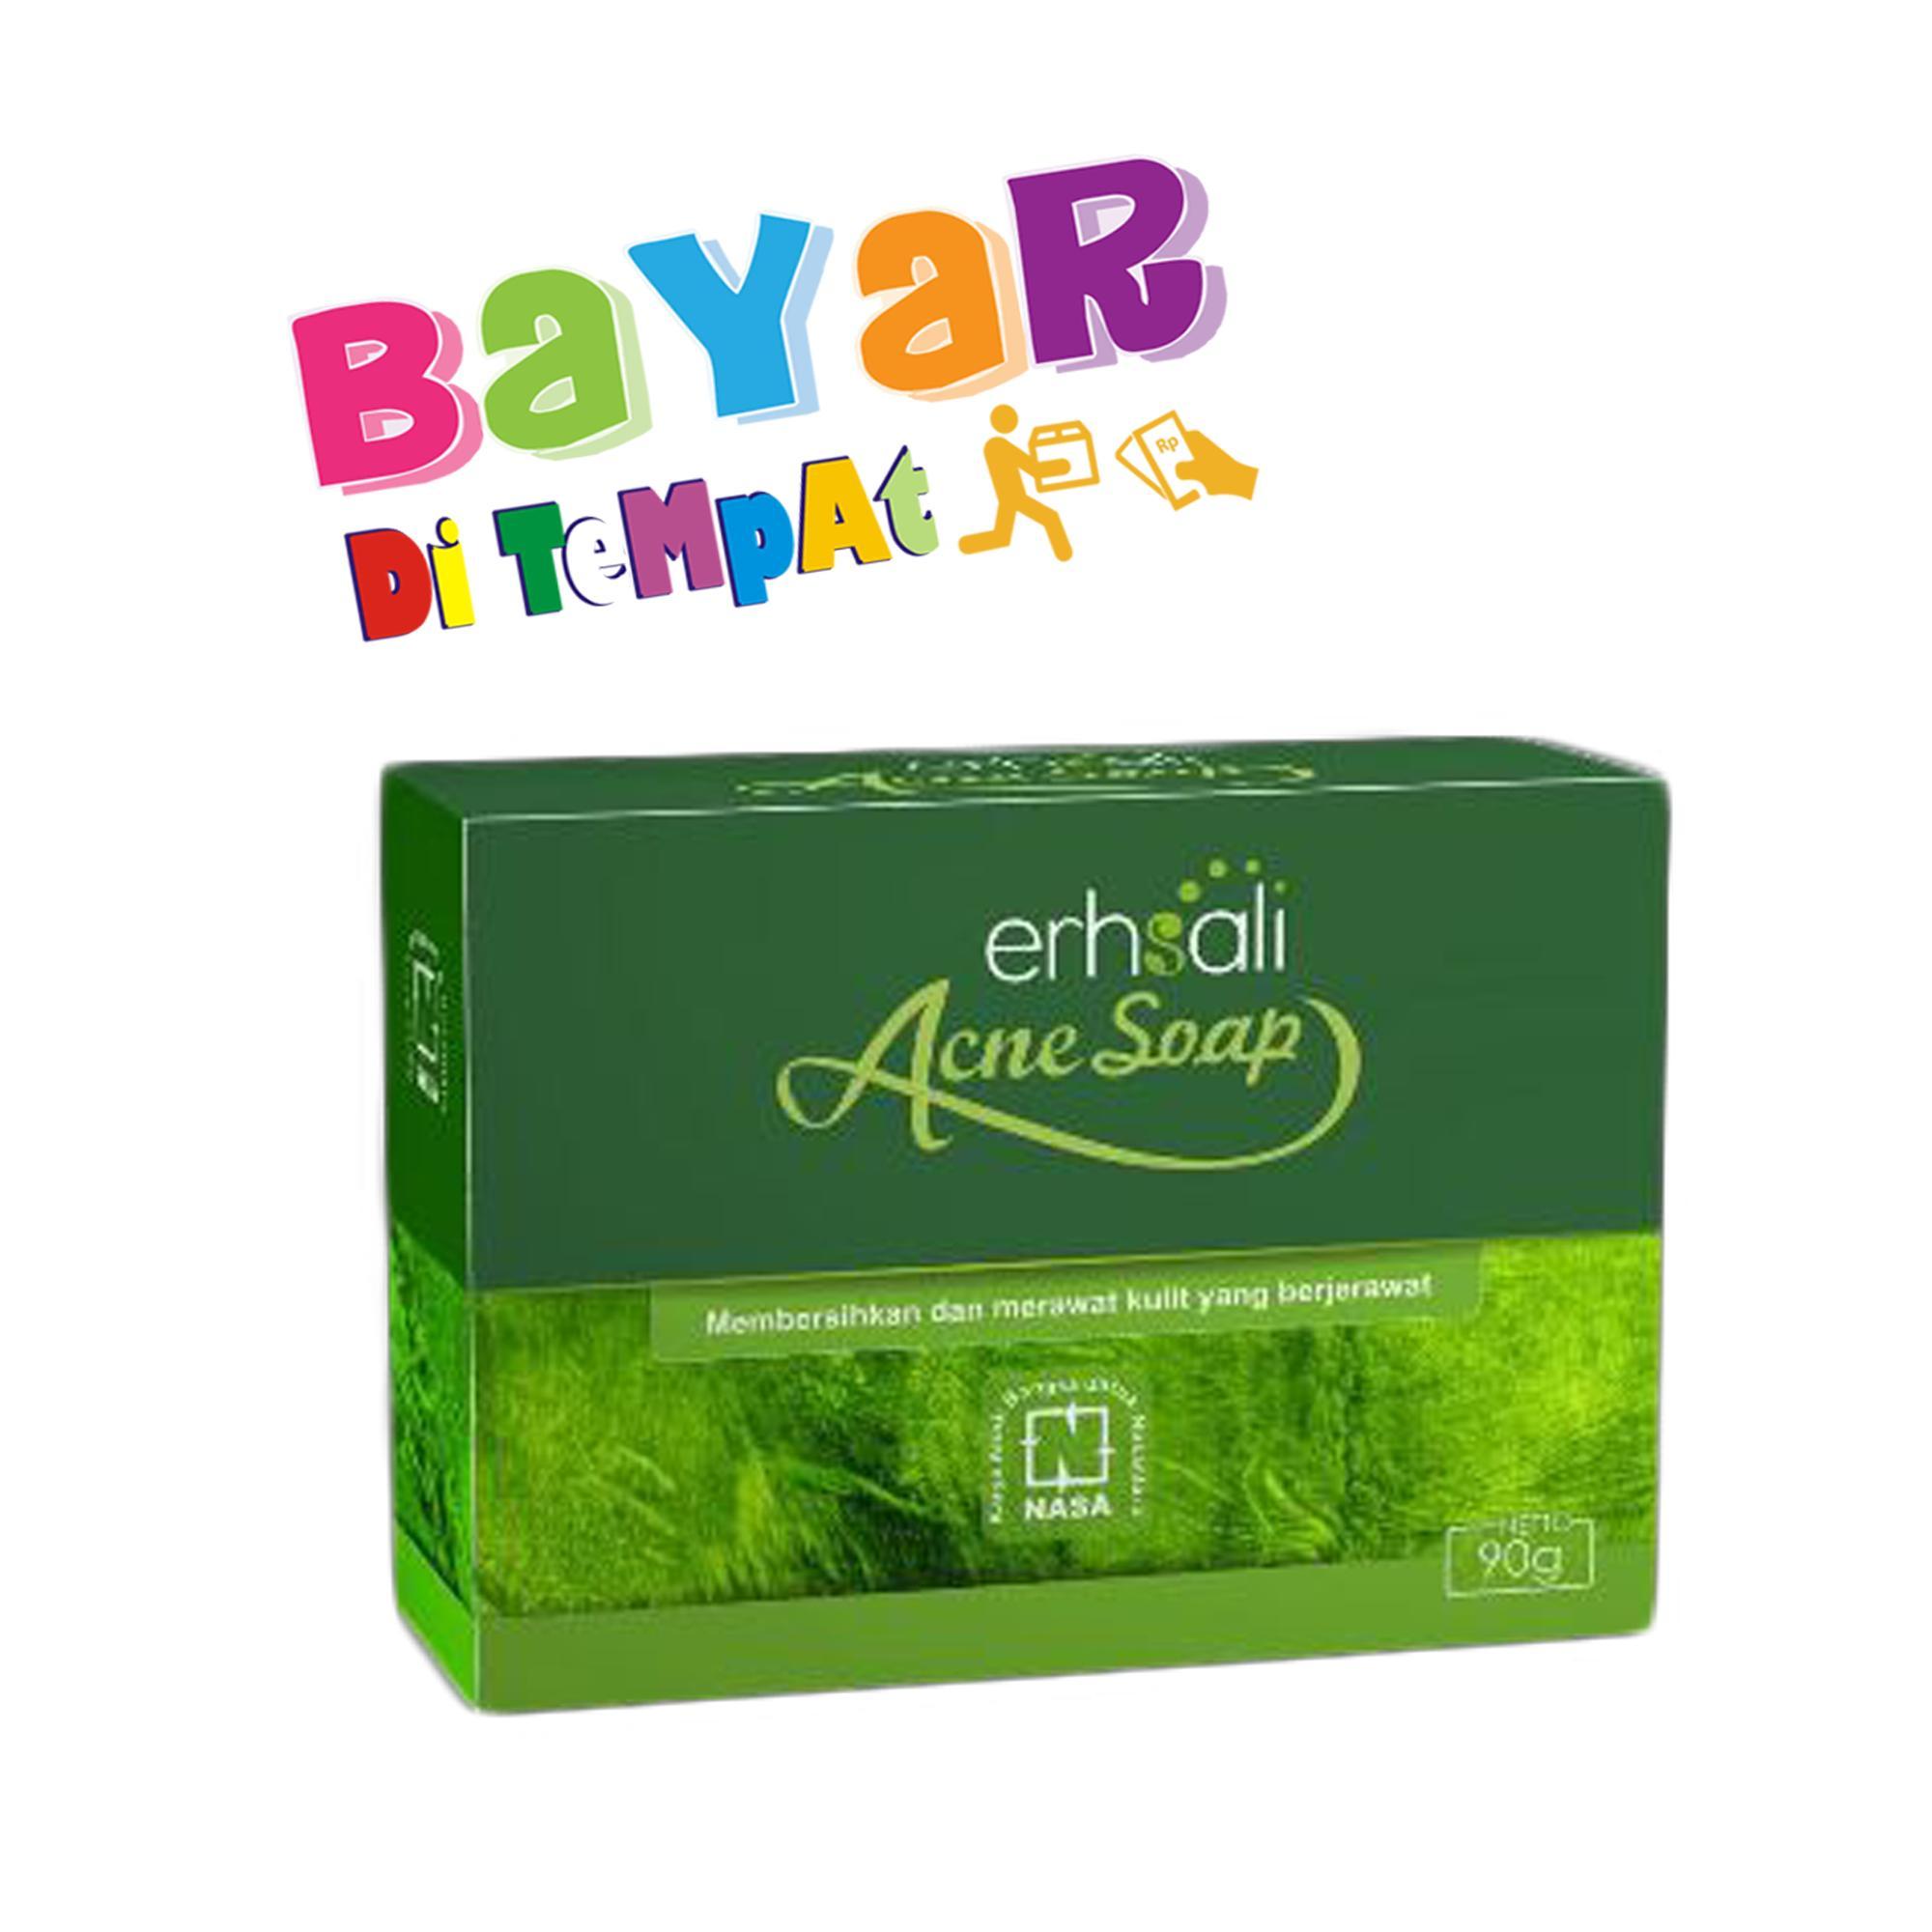 Ershali Anti Acne